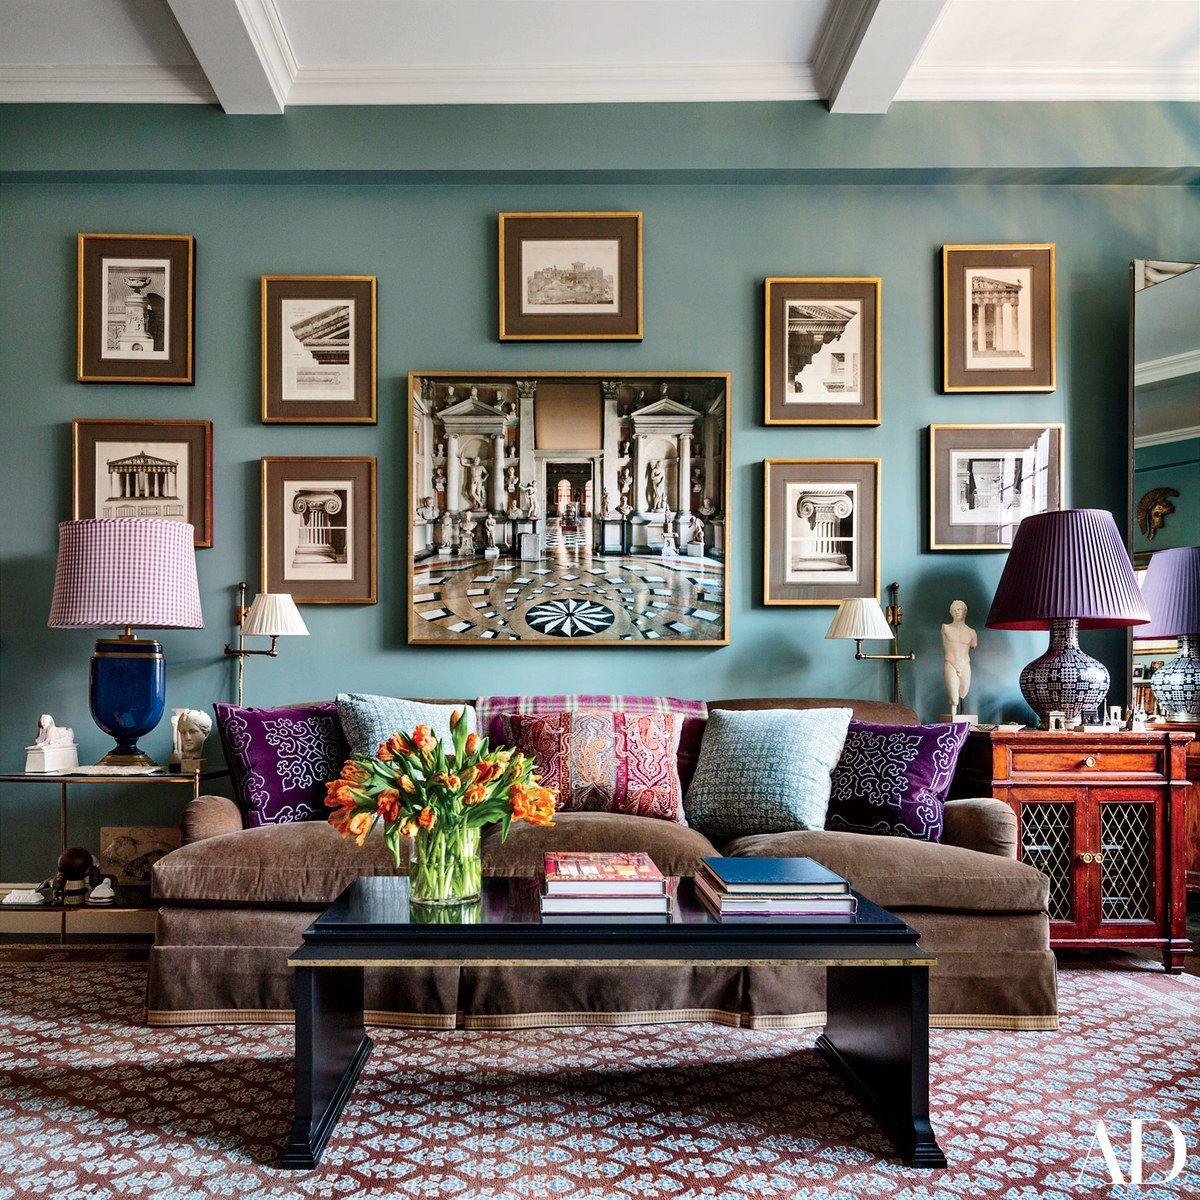 interior design trends 2016  home decor ideas  blue